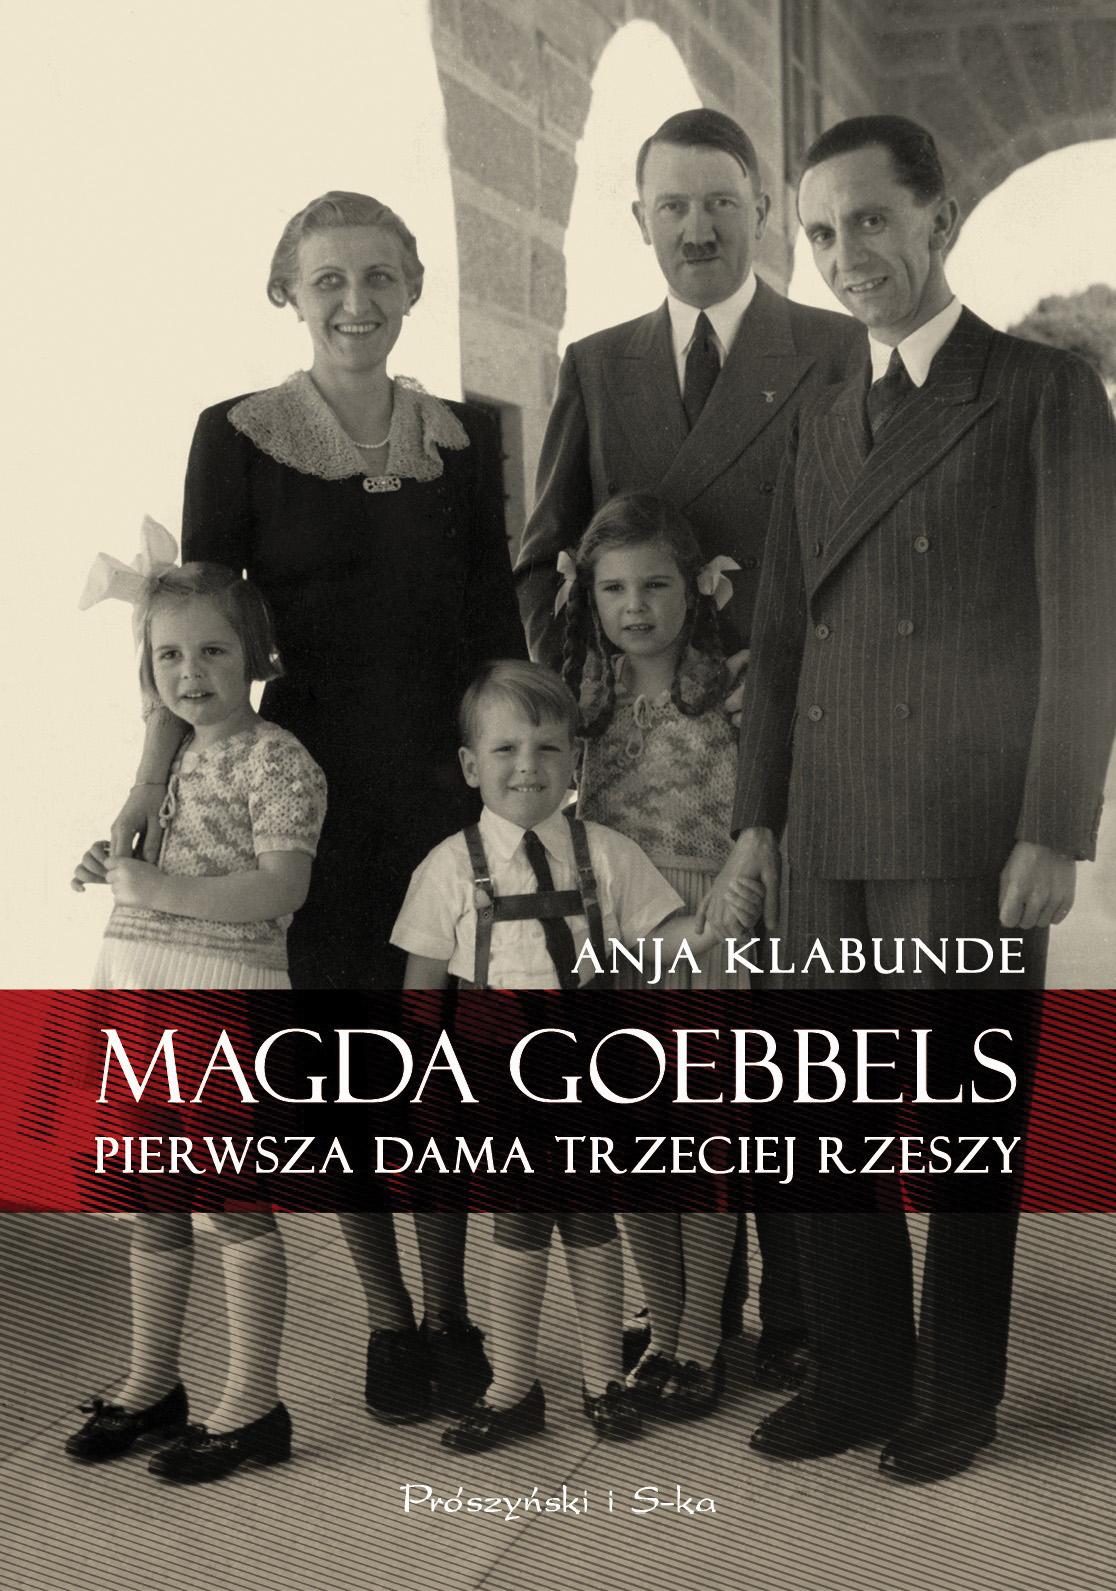 Magda goebbels pierwsza dama trzeciej rzeszy